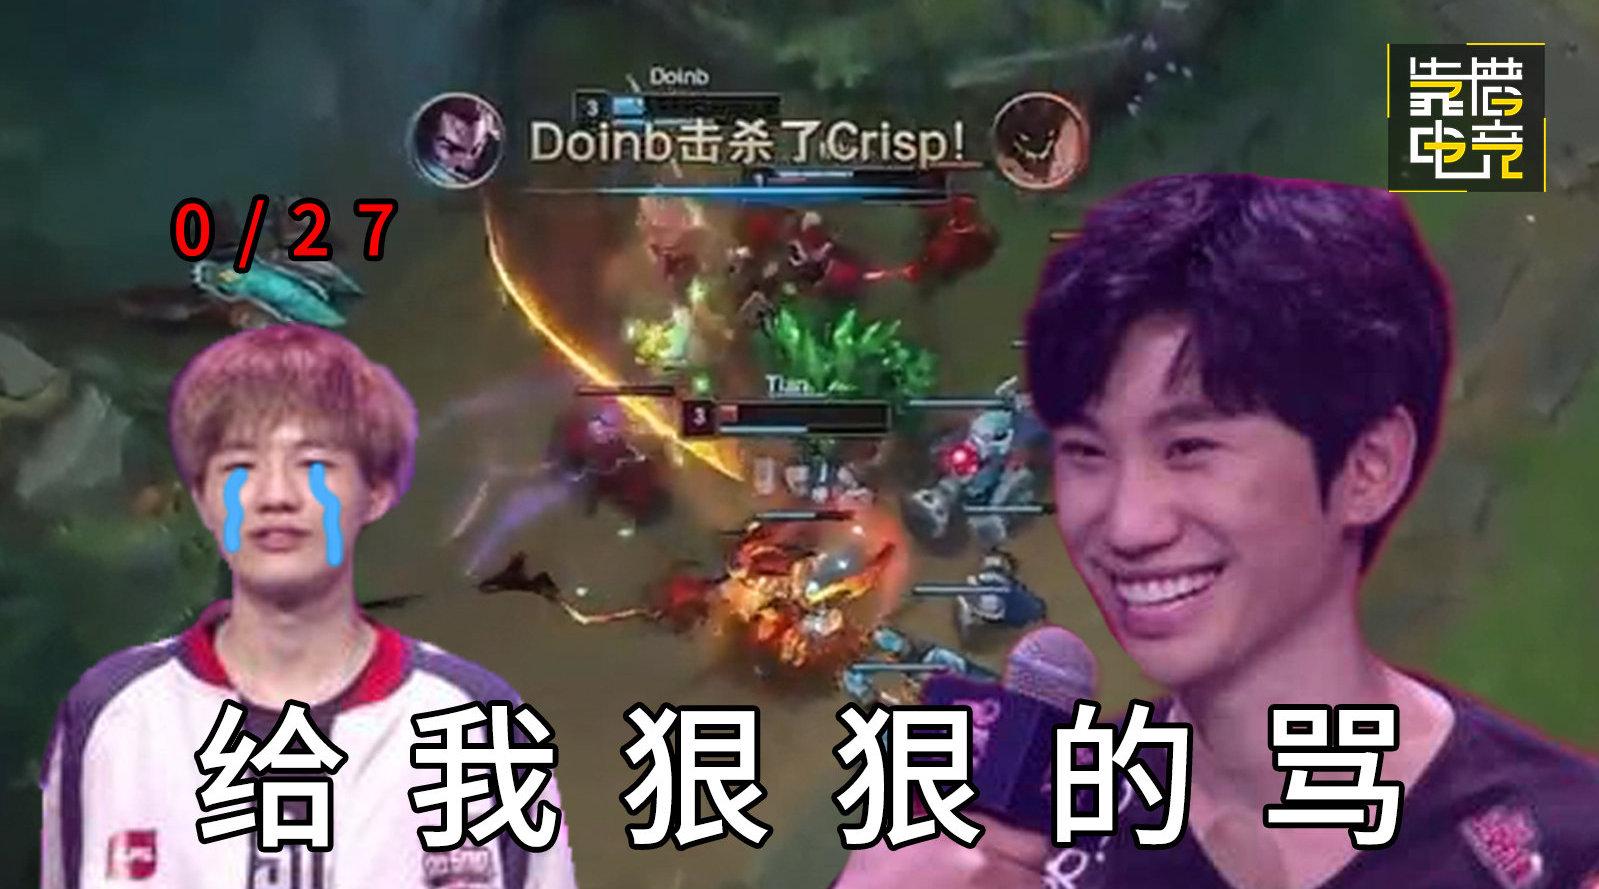 靠谱盘点66:FPX内斗实锤?刘青松0/27遭网络暴力,Doinb